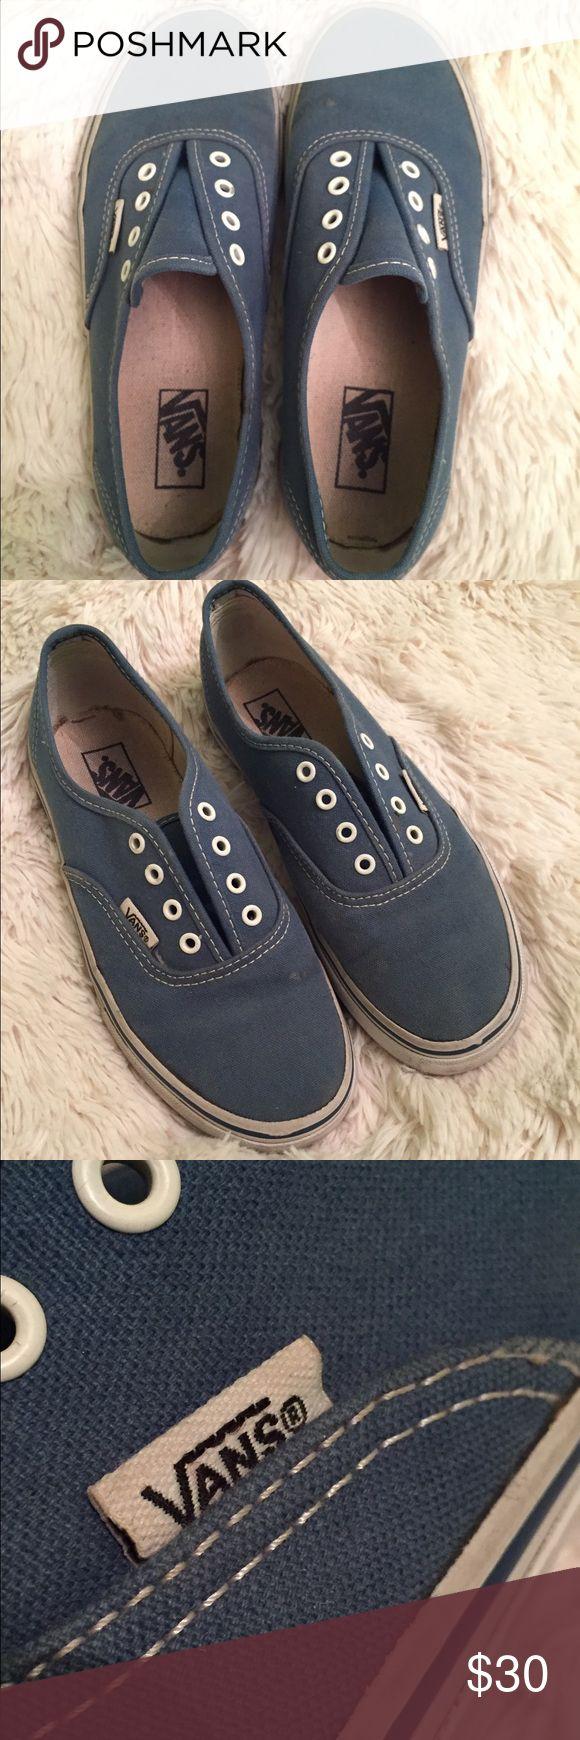 Vans shoes, used, no laces Blue Vans Vans Shoes Sneakers